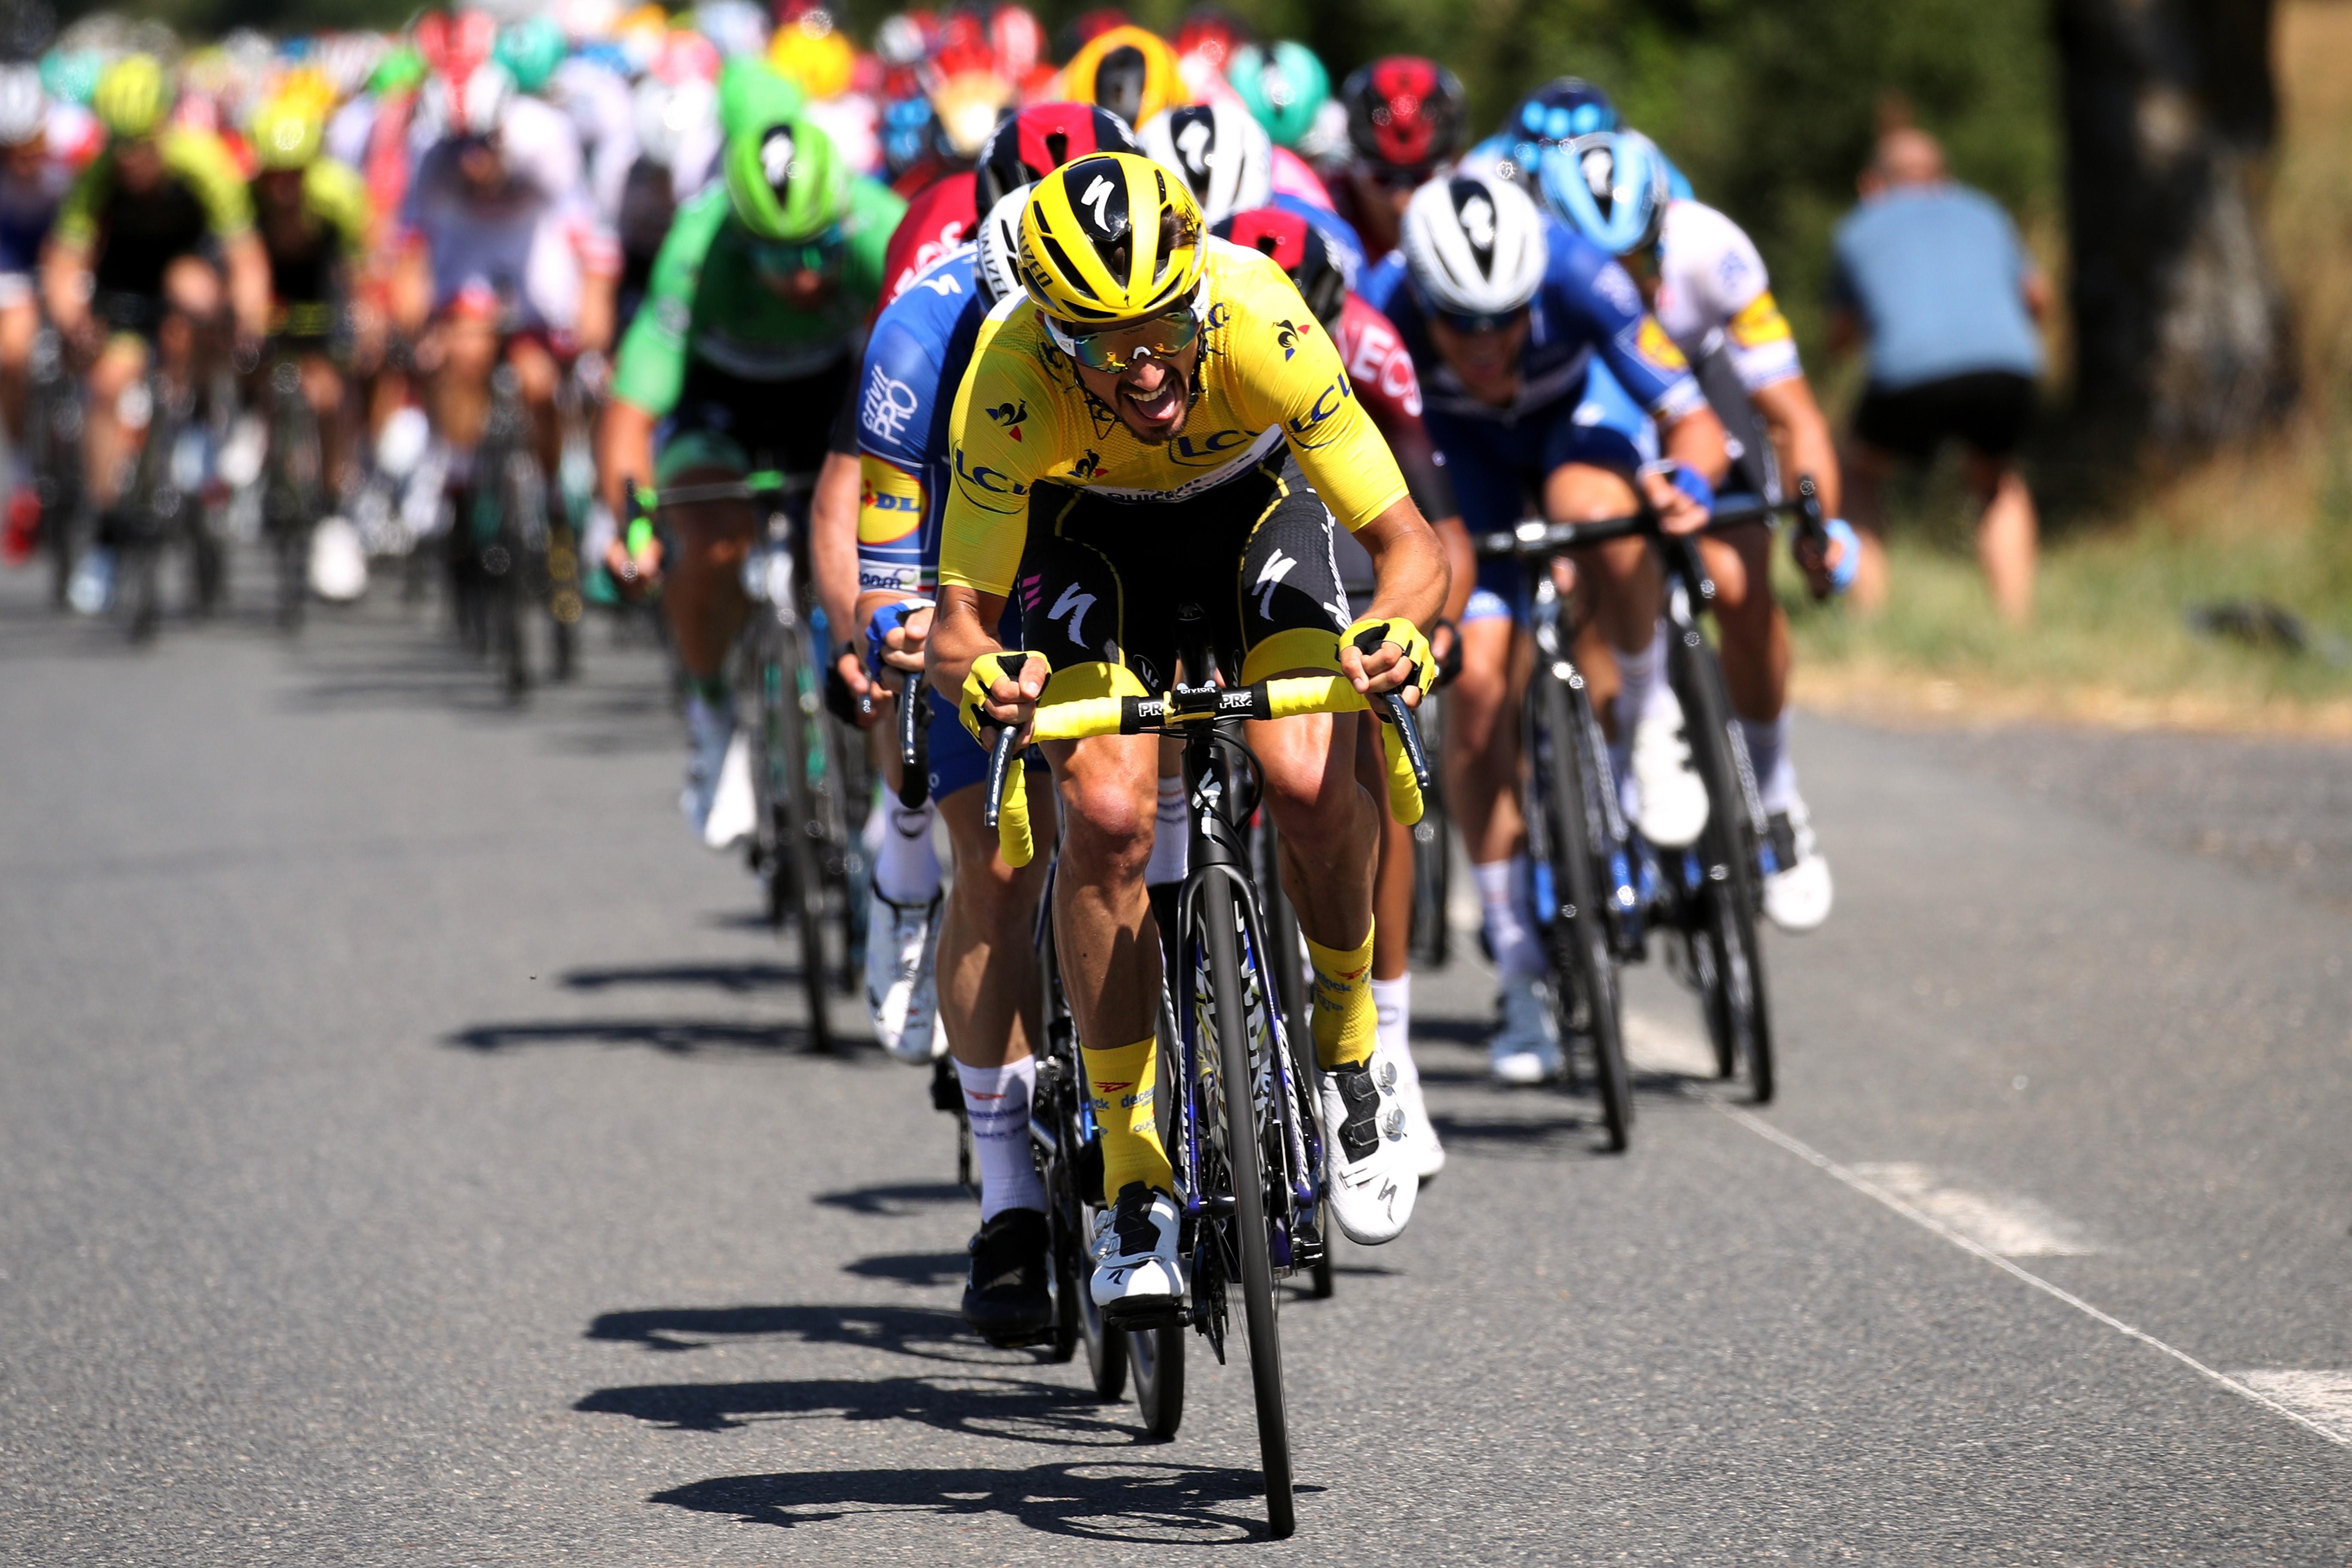 Julian Alaphilippe ve takımı Deceuninck - Quick-Step, çapraz rüzgarlar esnasında tempo yaparak pelotonu parçalara bölüyor.